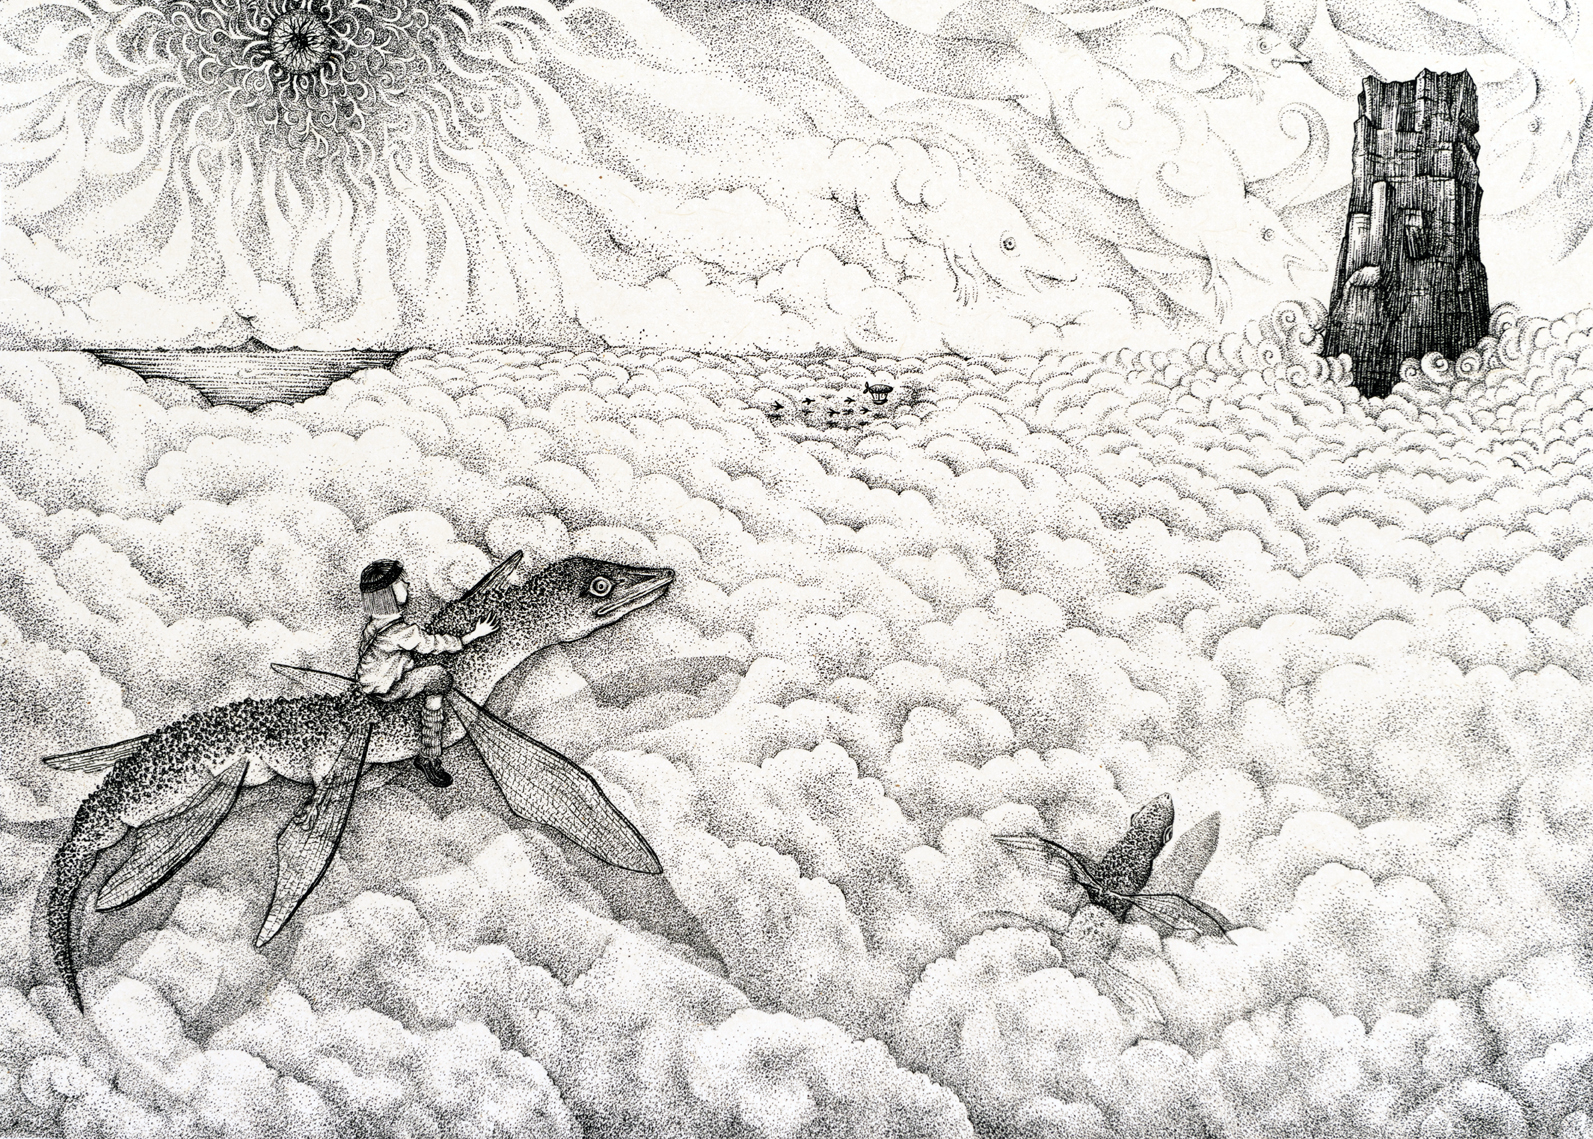 『少年と光の木』雲海 A boy and a tree of light -Sea of clouds - w550×h400mm 2015 lithograph